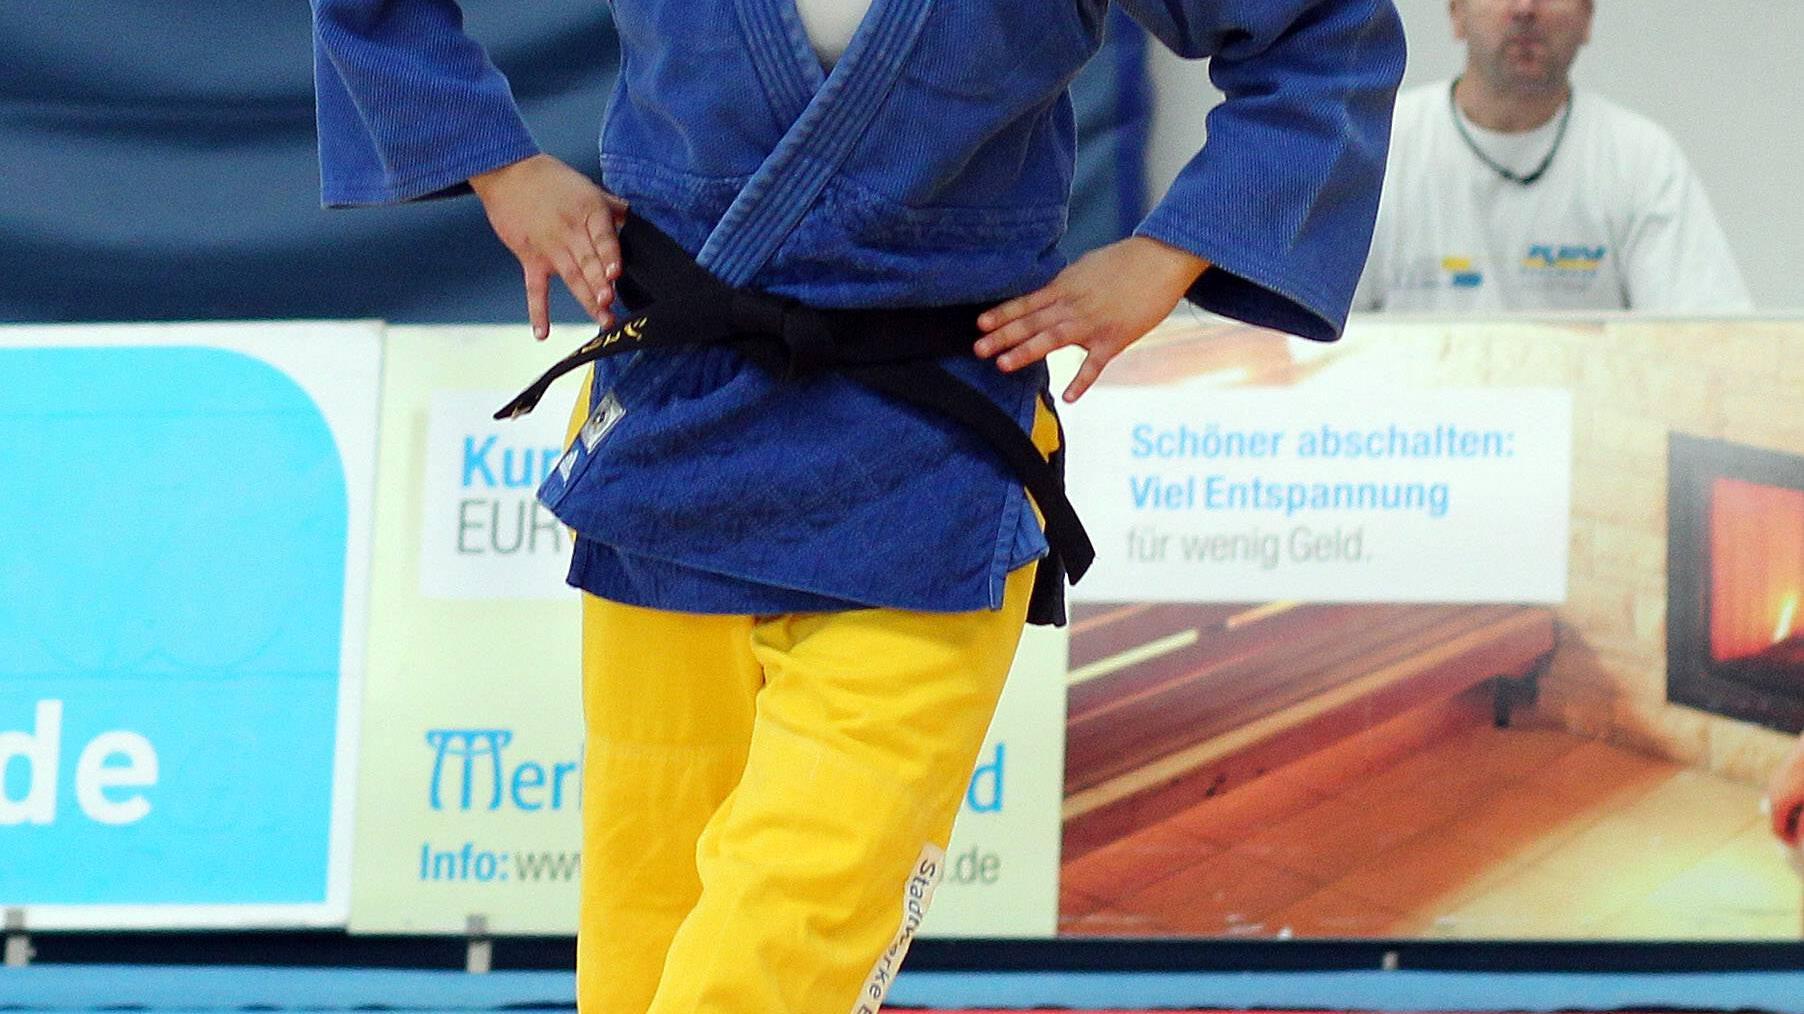 Der Judogürtel gibt Aufschluss über den Fortschritt eines Schülers. Schwarze Gürtel sind die ranghöchsten in der Reihenfolge.